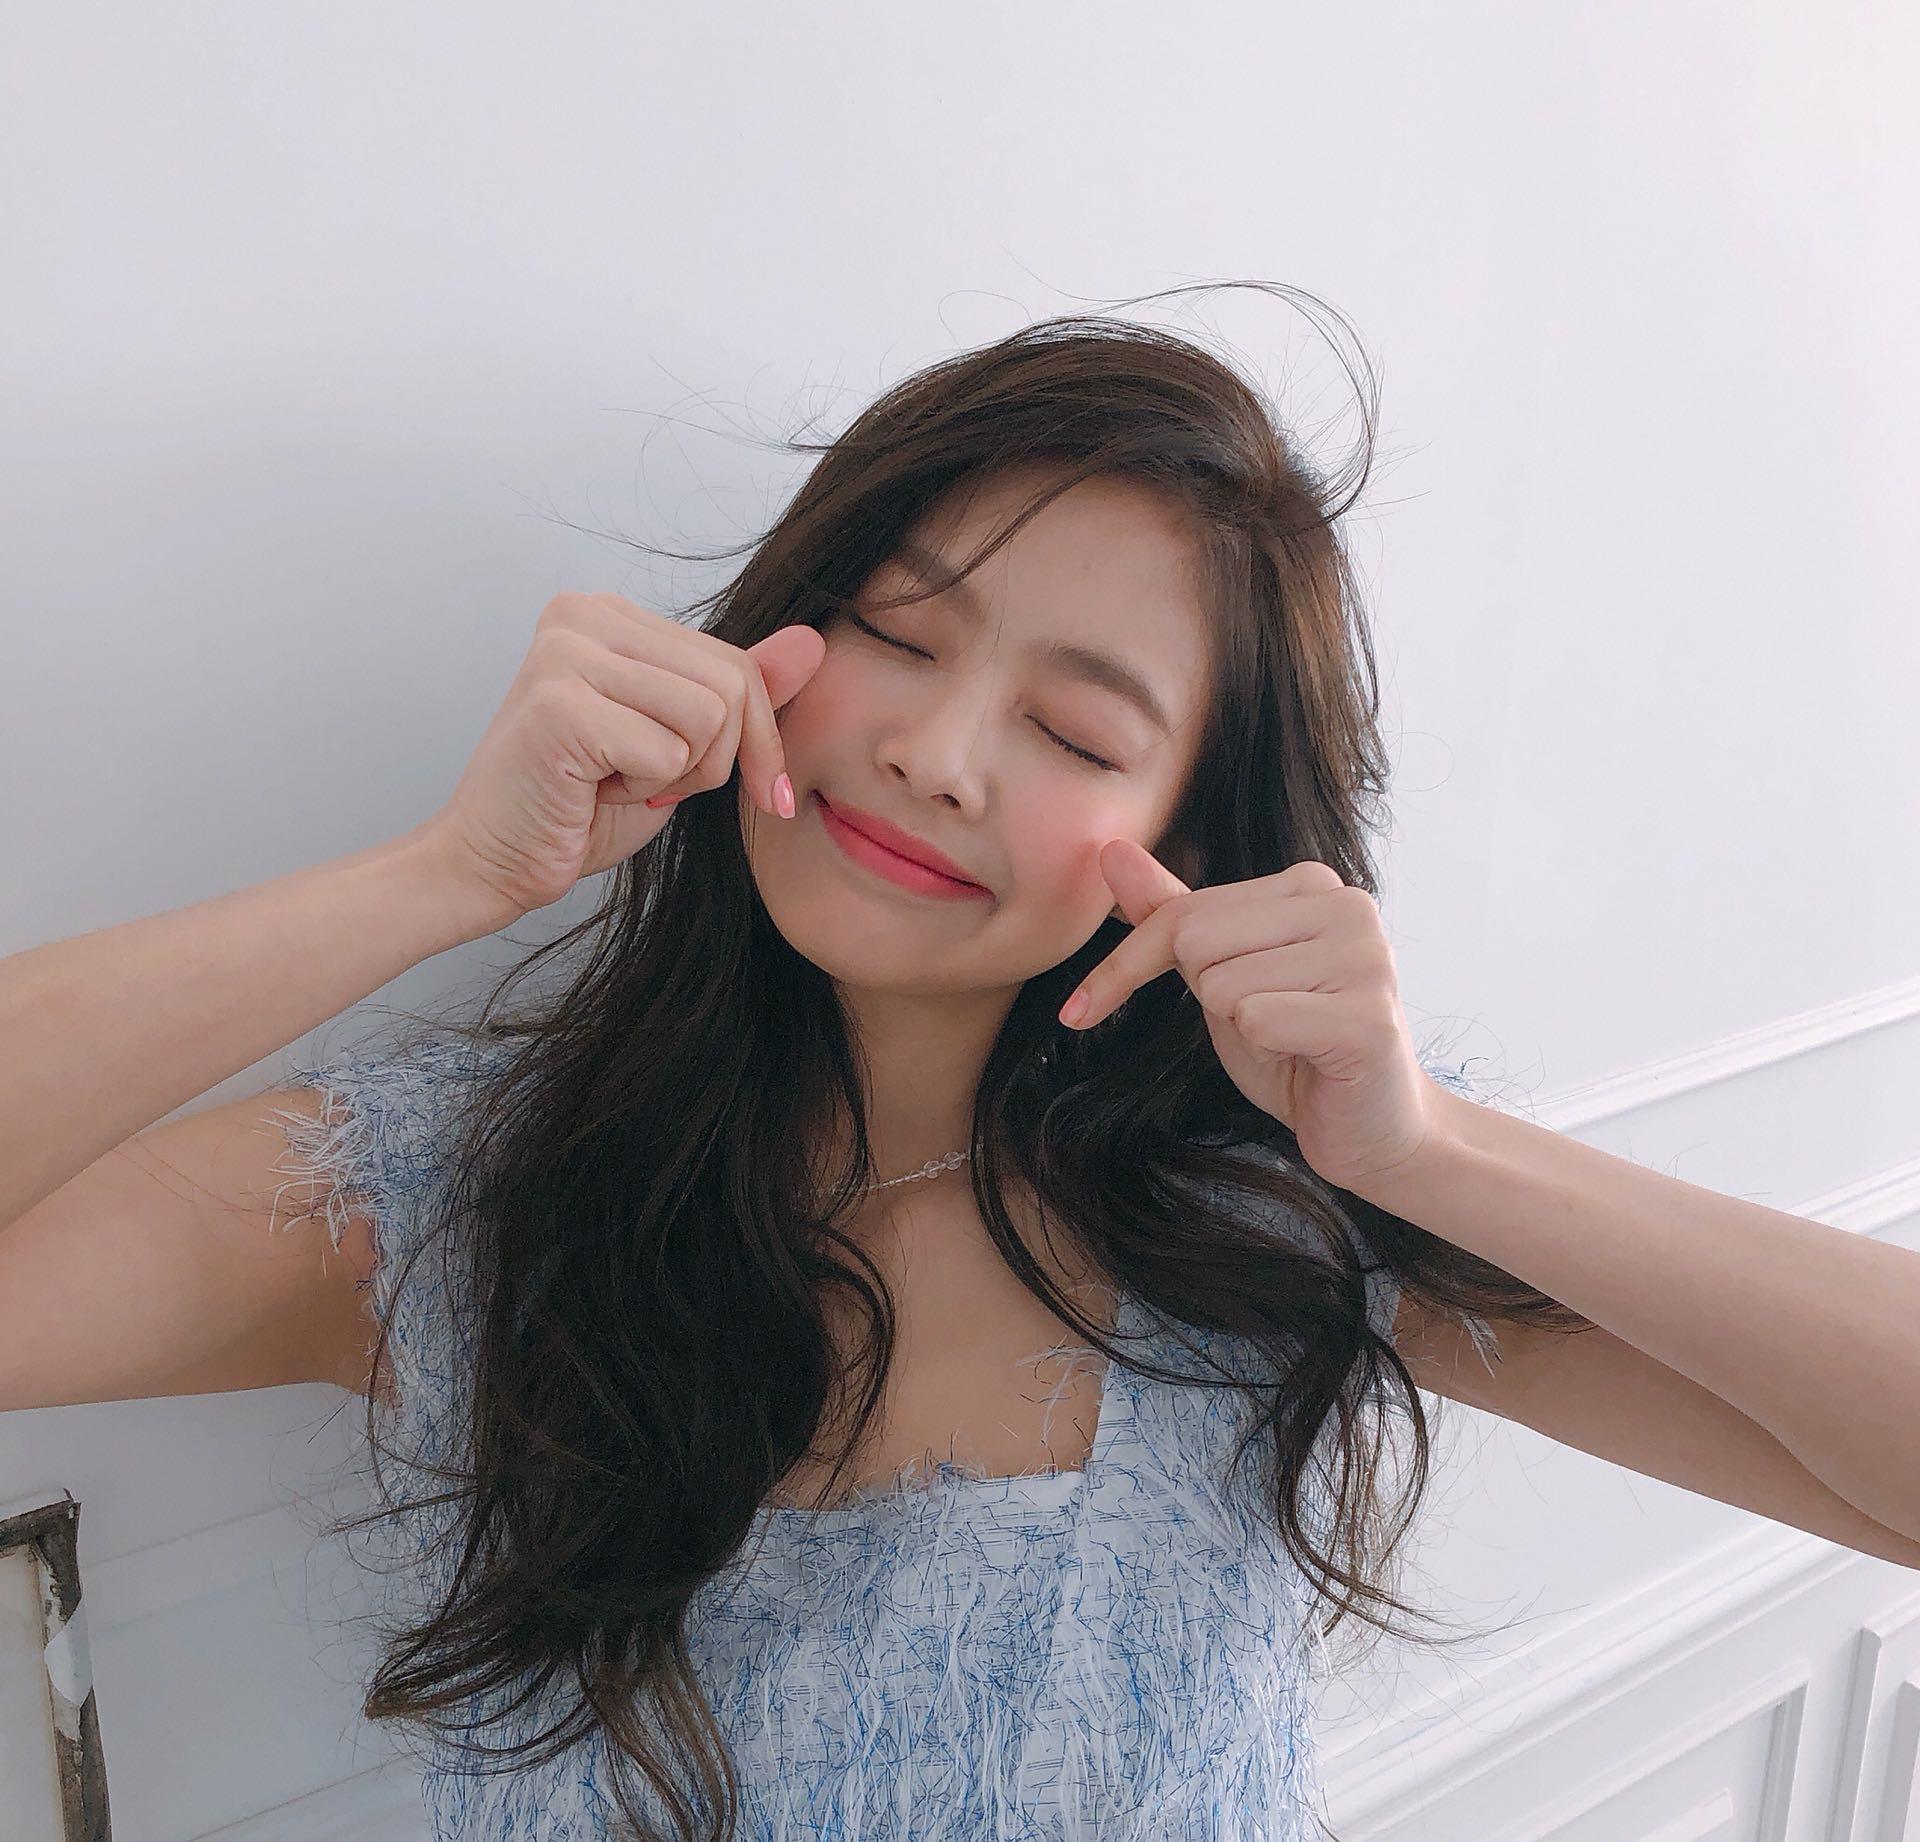 Jennie Lq On Twitter